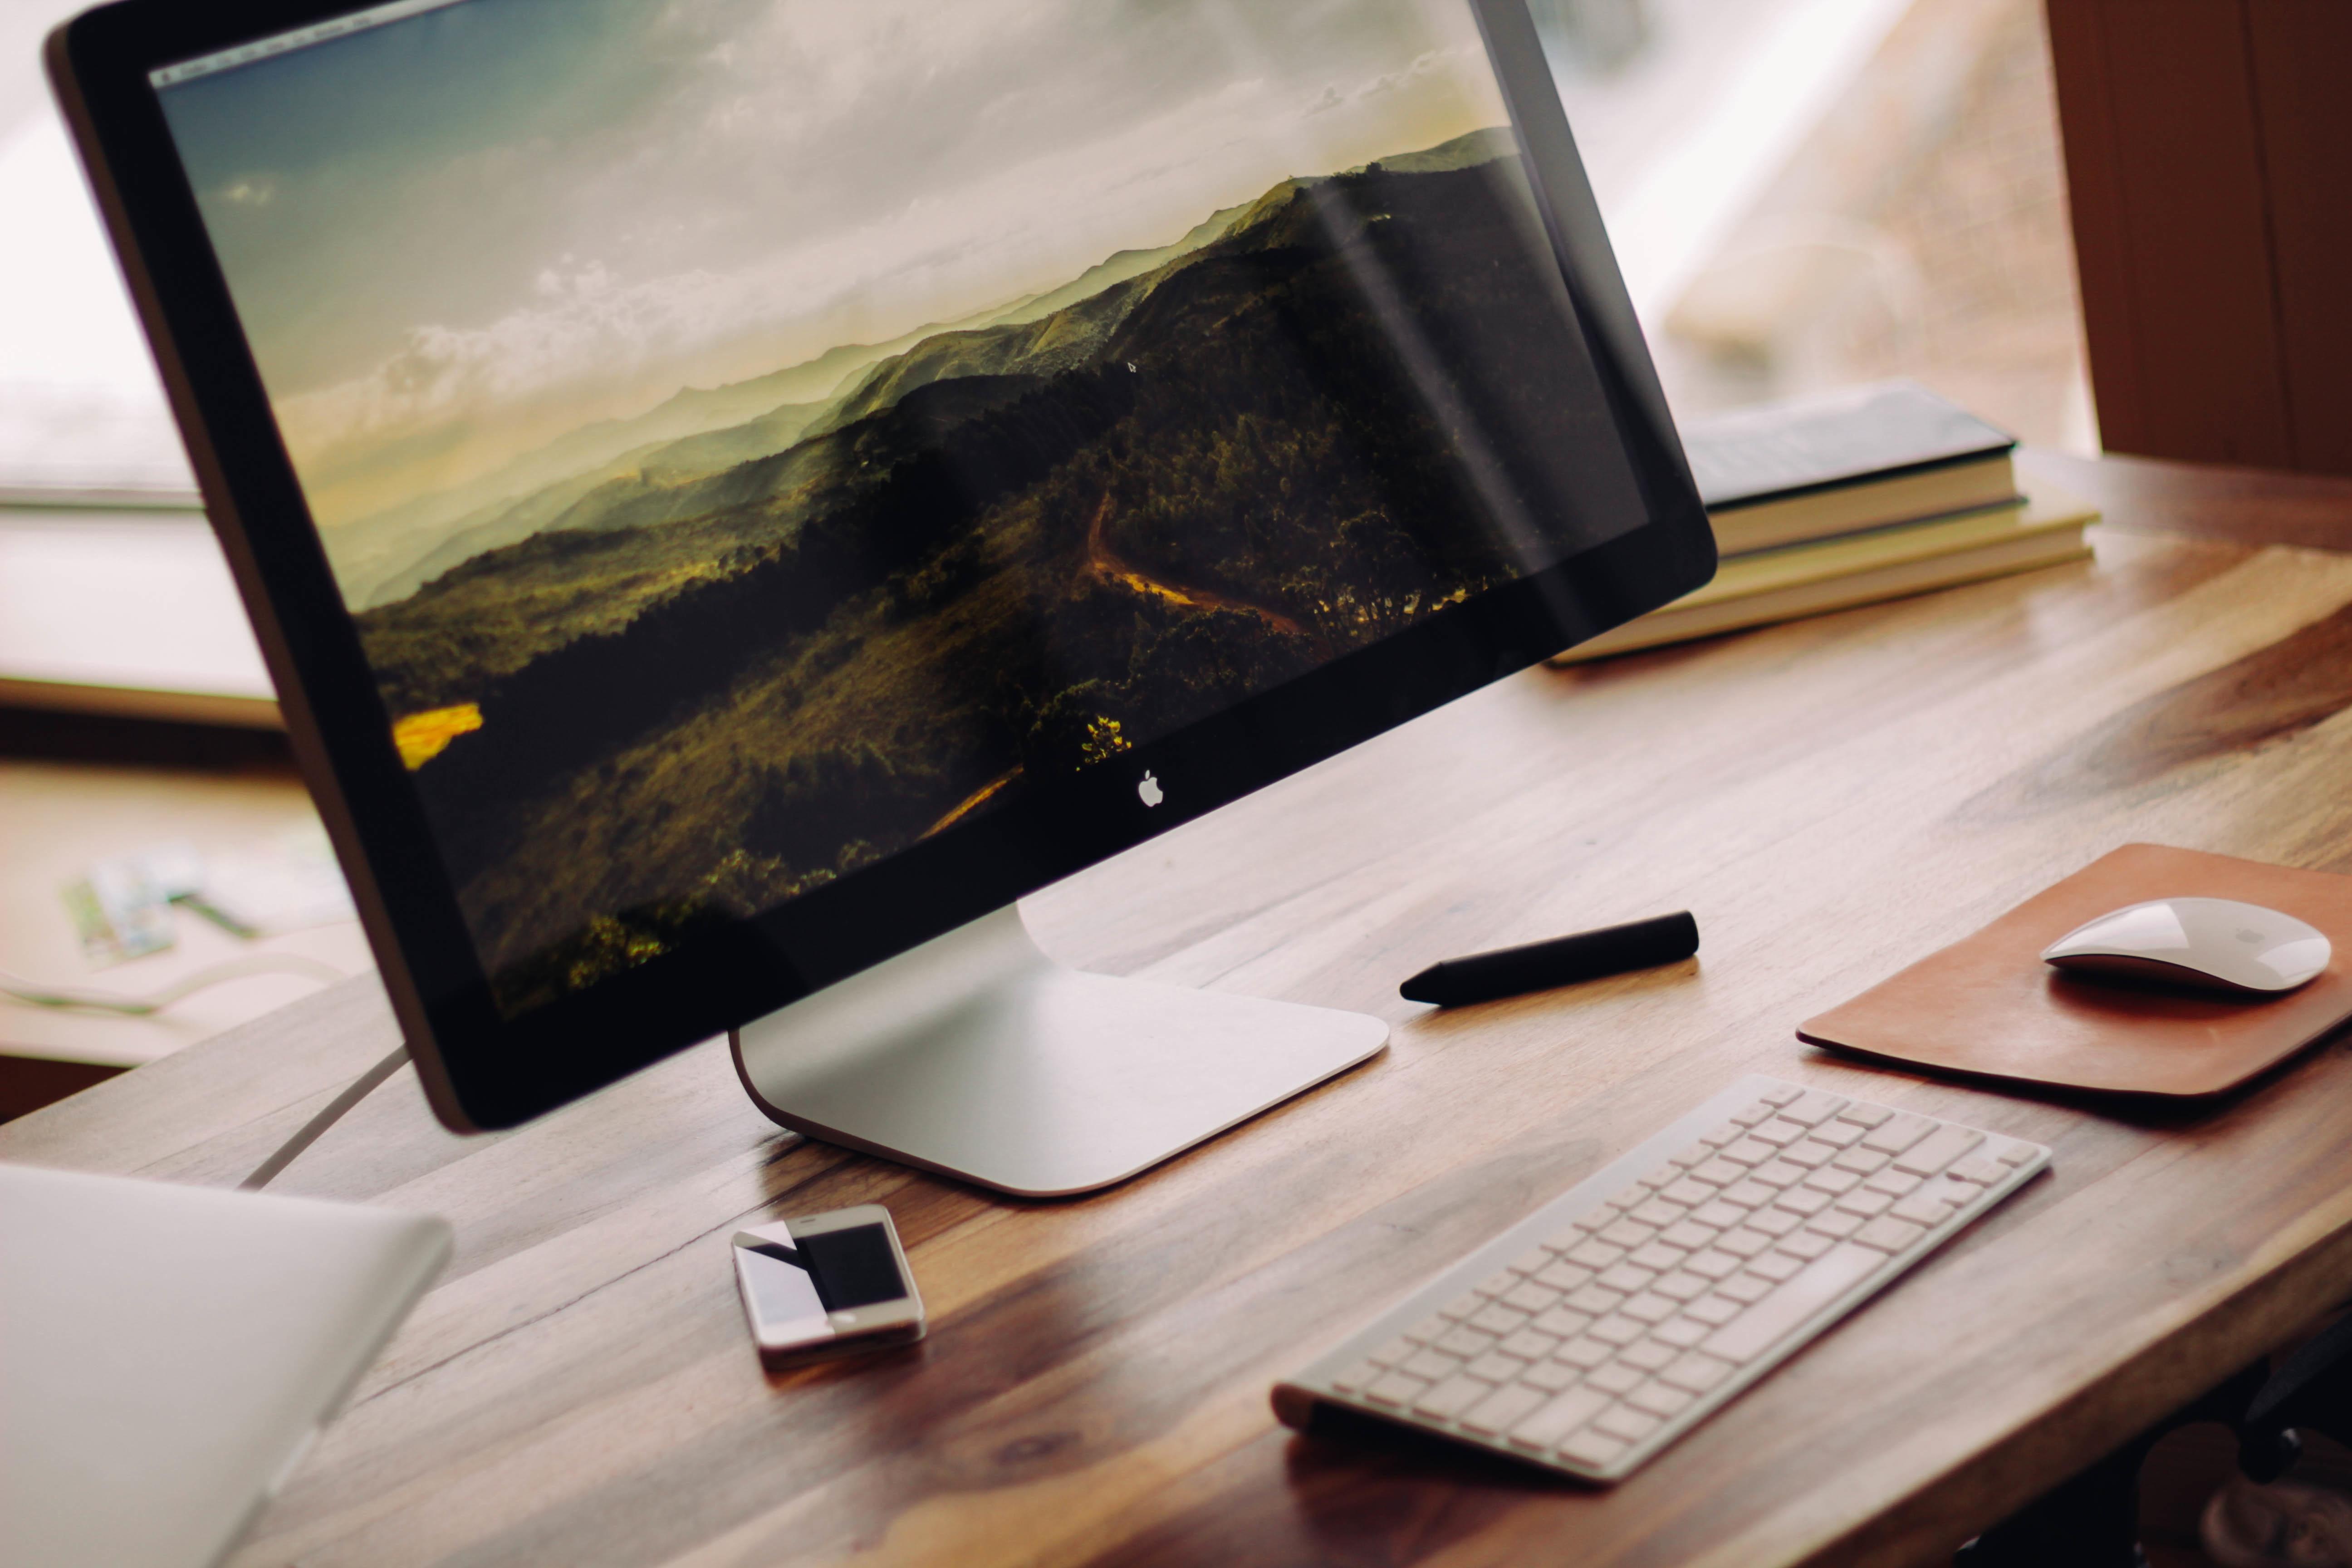 сеть слили на рабочем столе фото форматы горизонтального того, зои